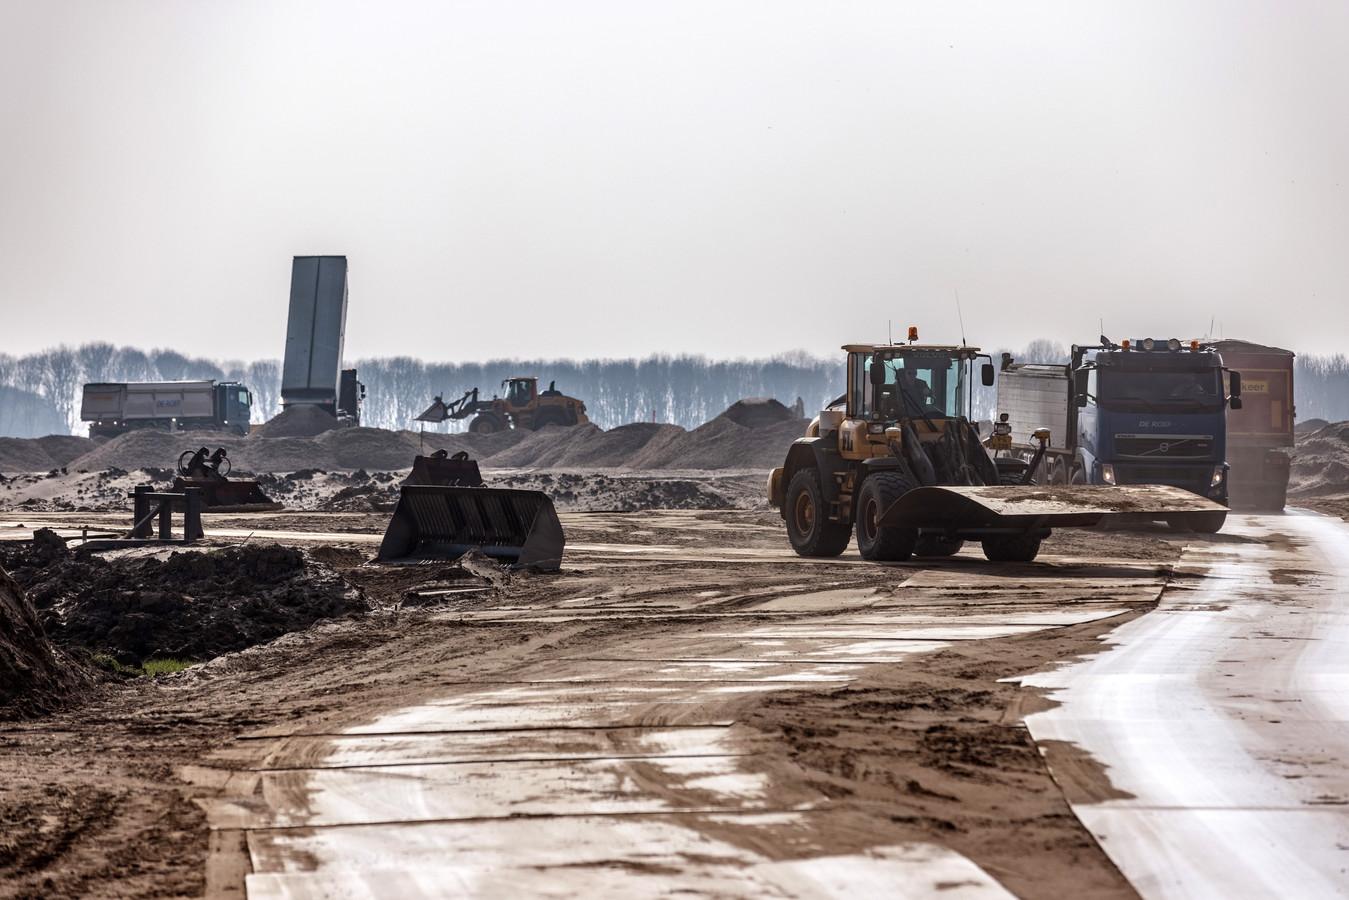 Het was eerder dit jaar een drukte van jewelste met de aanvoer van grote partijen grond op het toekomstige Logistiek Park Moerdijk.